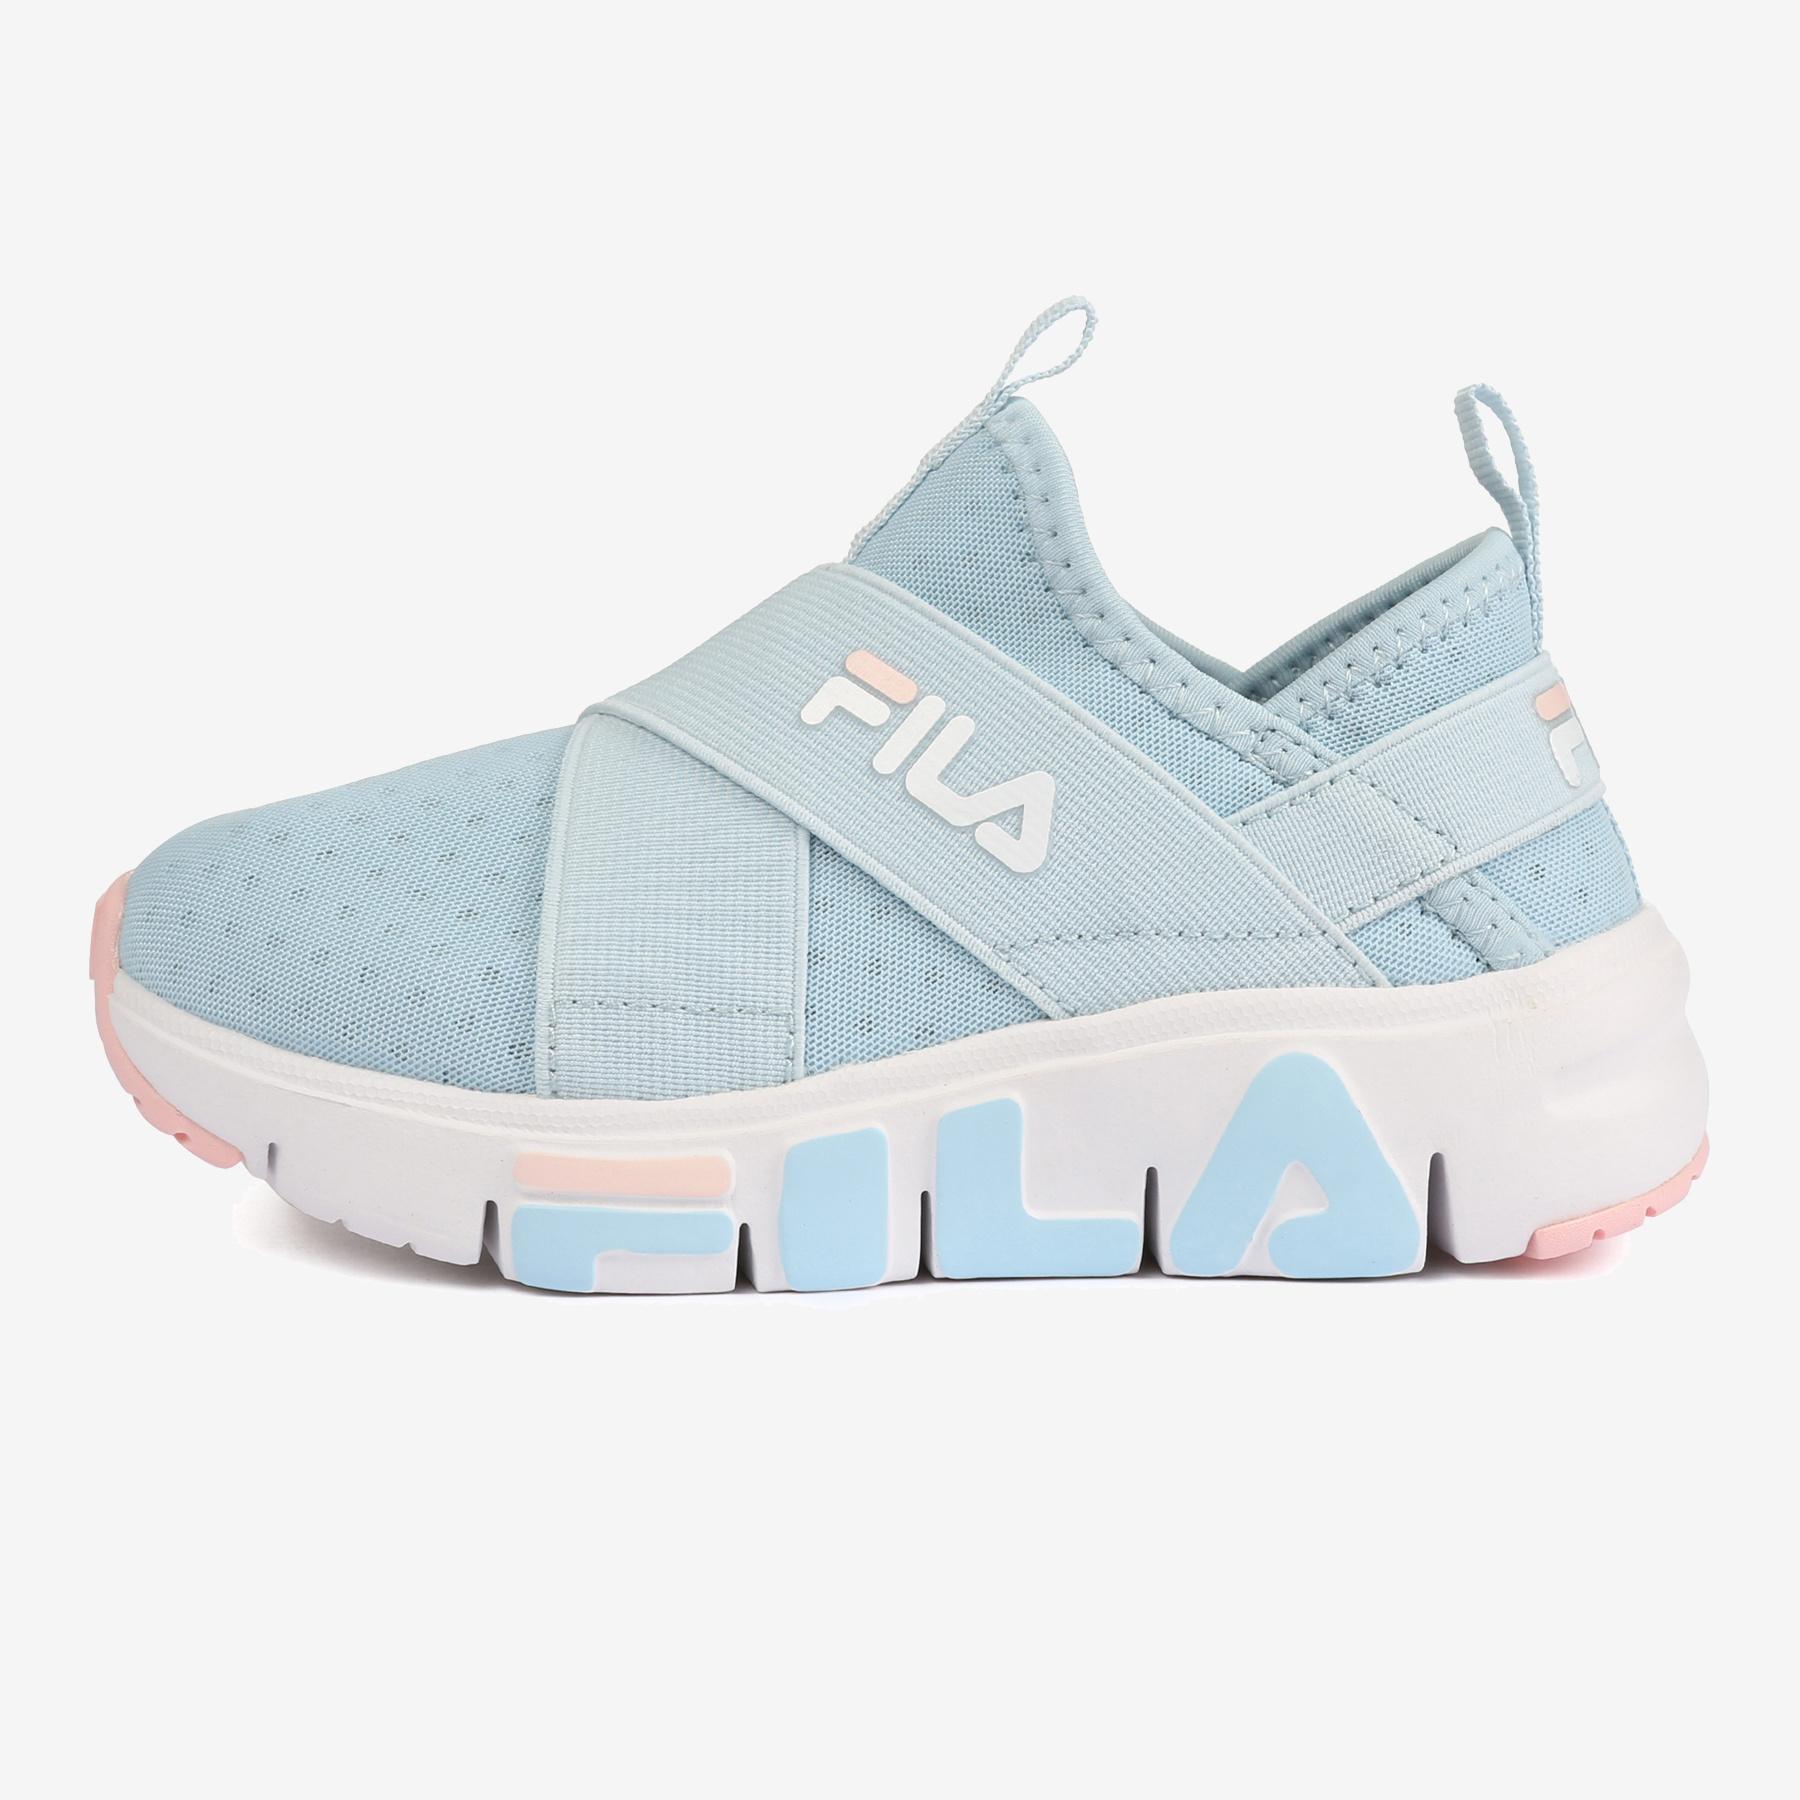 fila aqua shoes